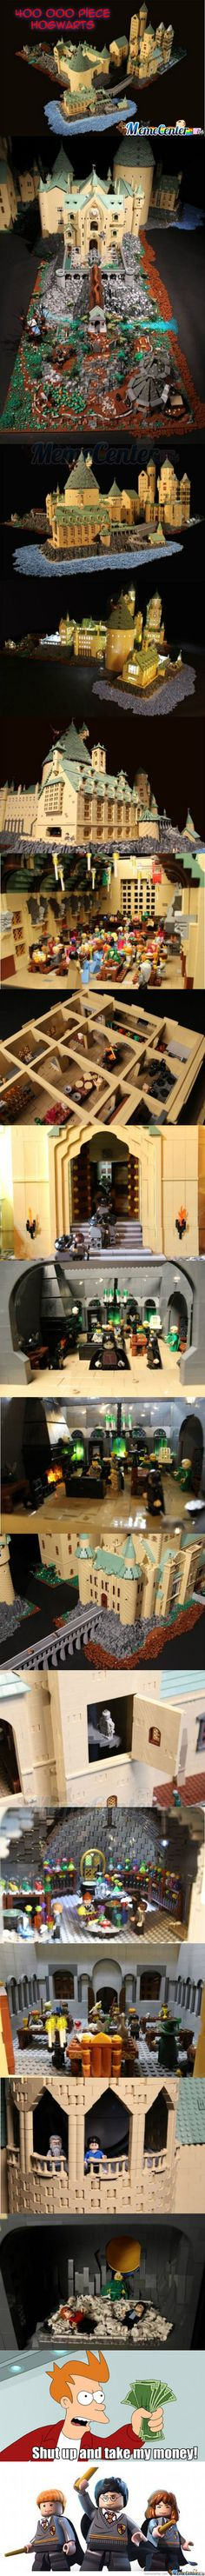 Lego Hogwarts.... I am speechless